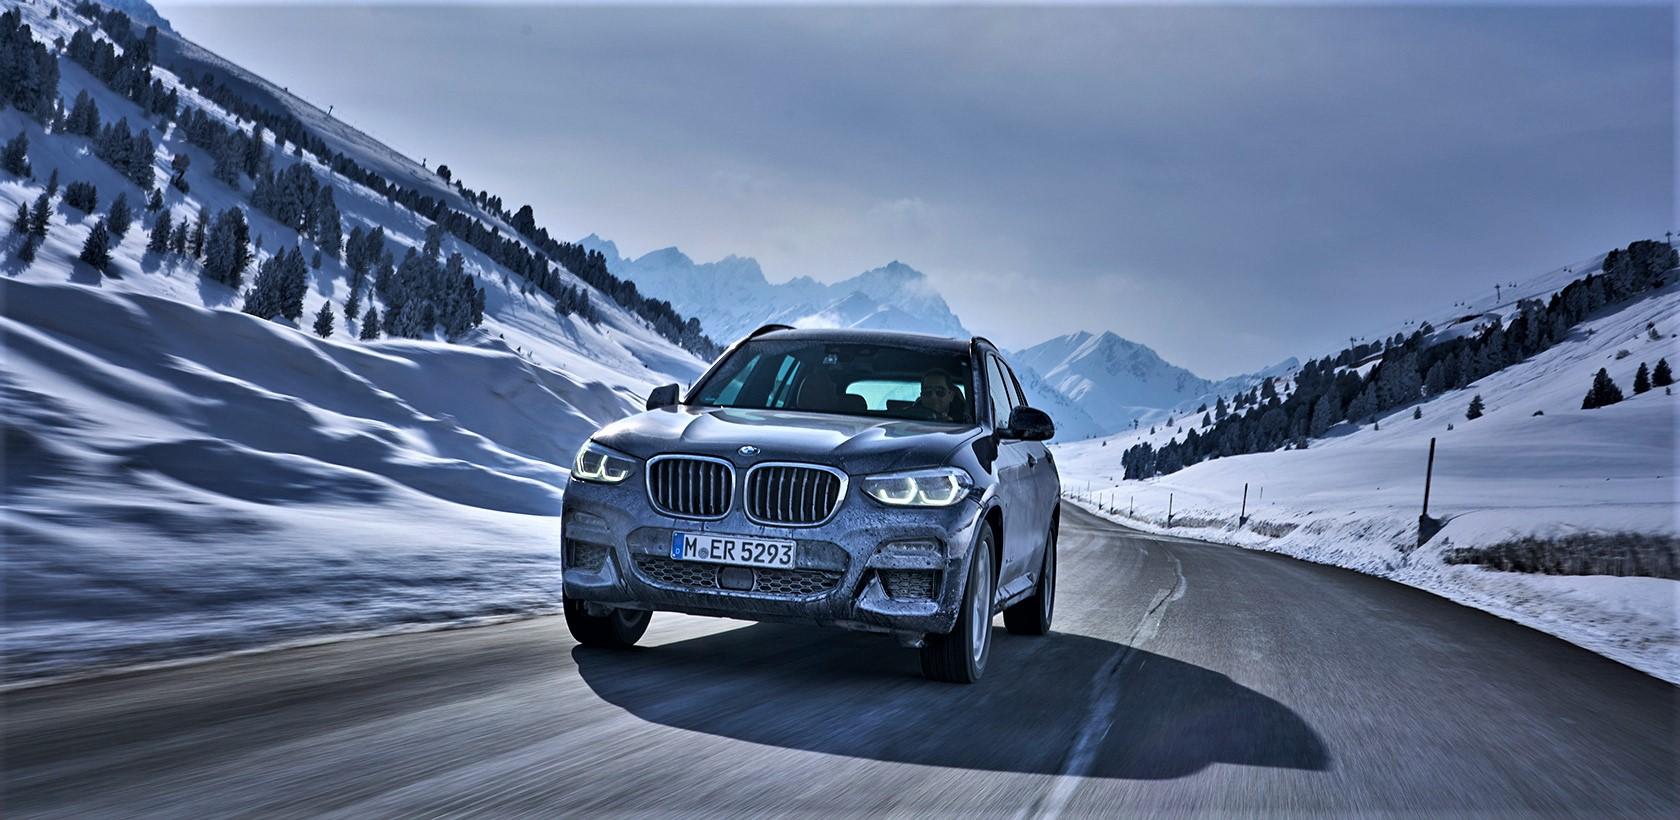 Essai BMW X3, le précurseur reprend son avance